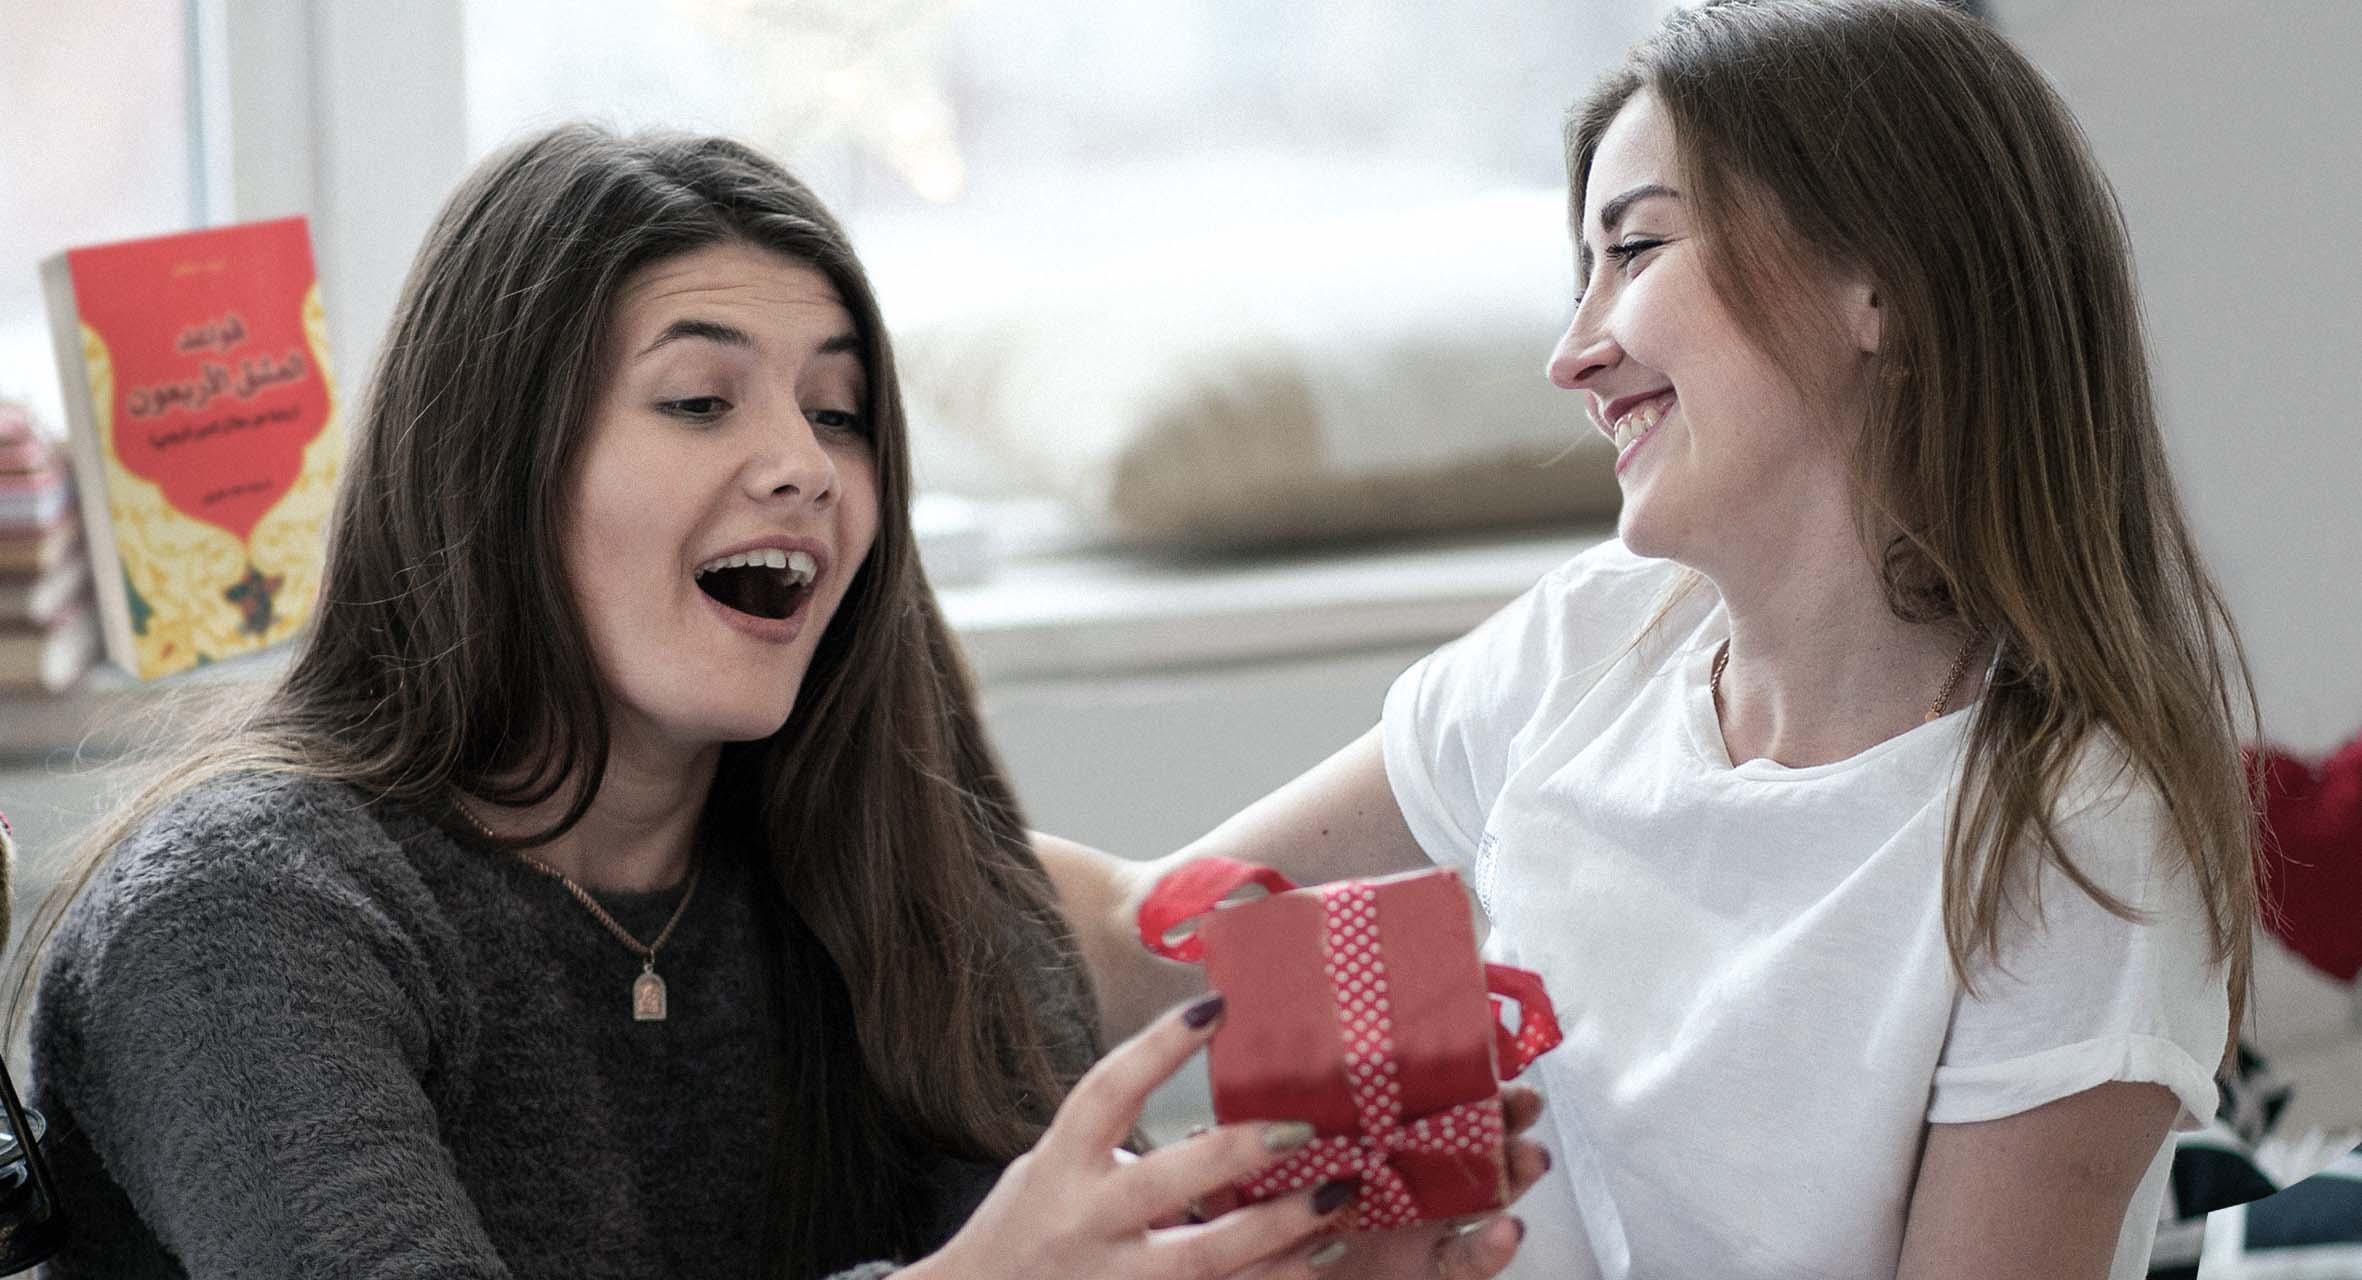 صورة حزُّورة الحدود: هل تعتبر هدية الأخت لأختها للأخت أم لأختها؟